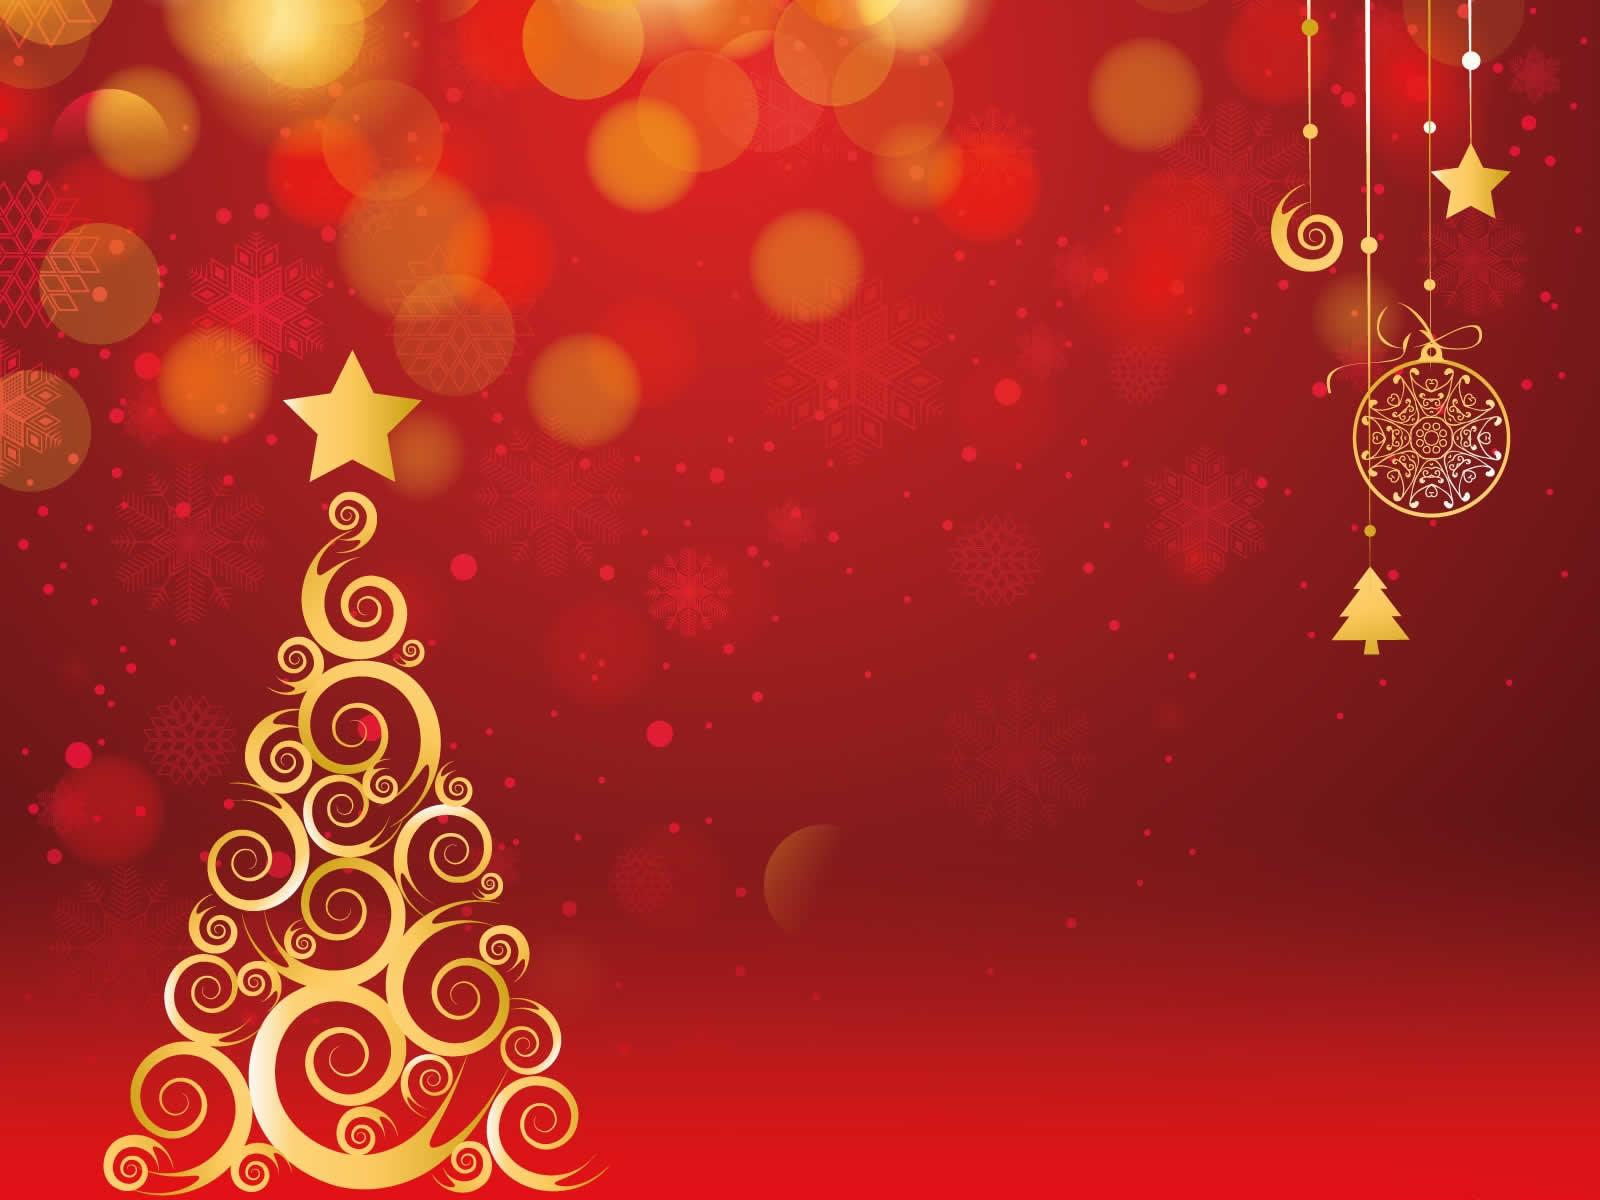 35 immagini di natale da scaricare gratuitamente per impostarli come sfondi per il desktop durante le feste natalizie. Sfondi Natalizi Sfondo Natalizio 1600x1200 Wallpaper Teahub Io